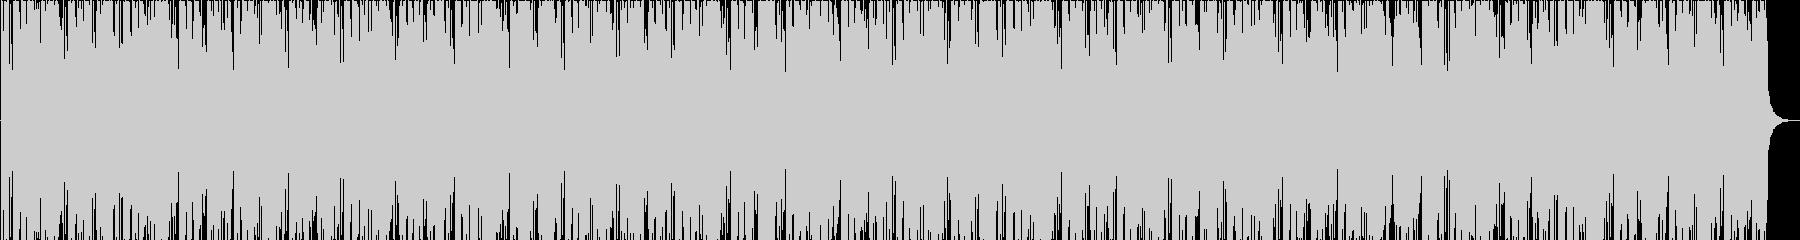 ゆったり大人な雰囲気のJazzHopの未再生の波形